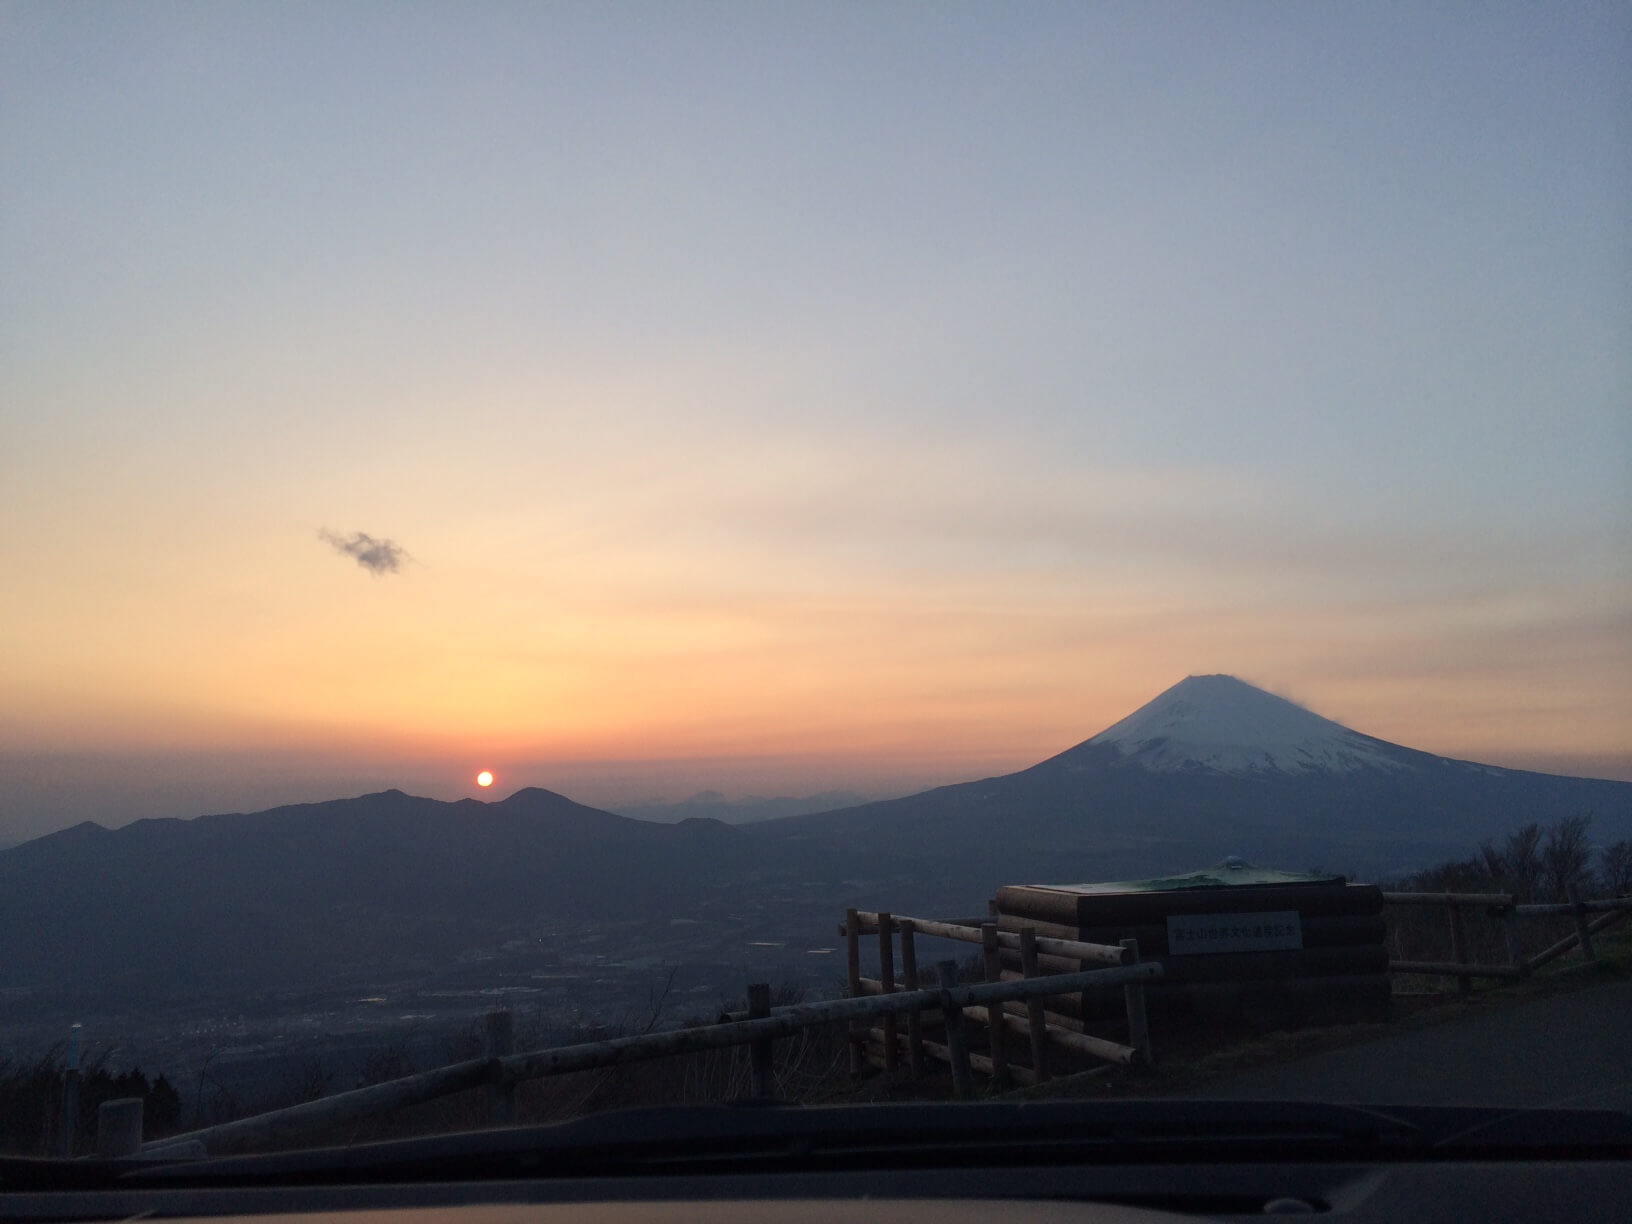 三国峠と富士山と夕日